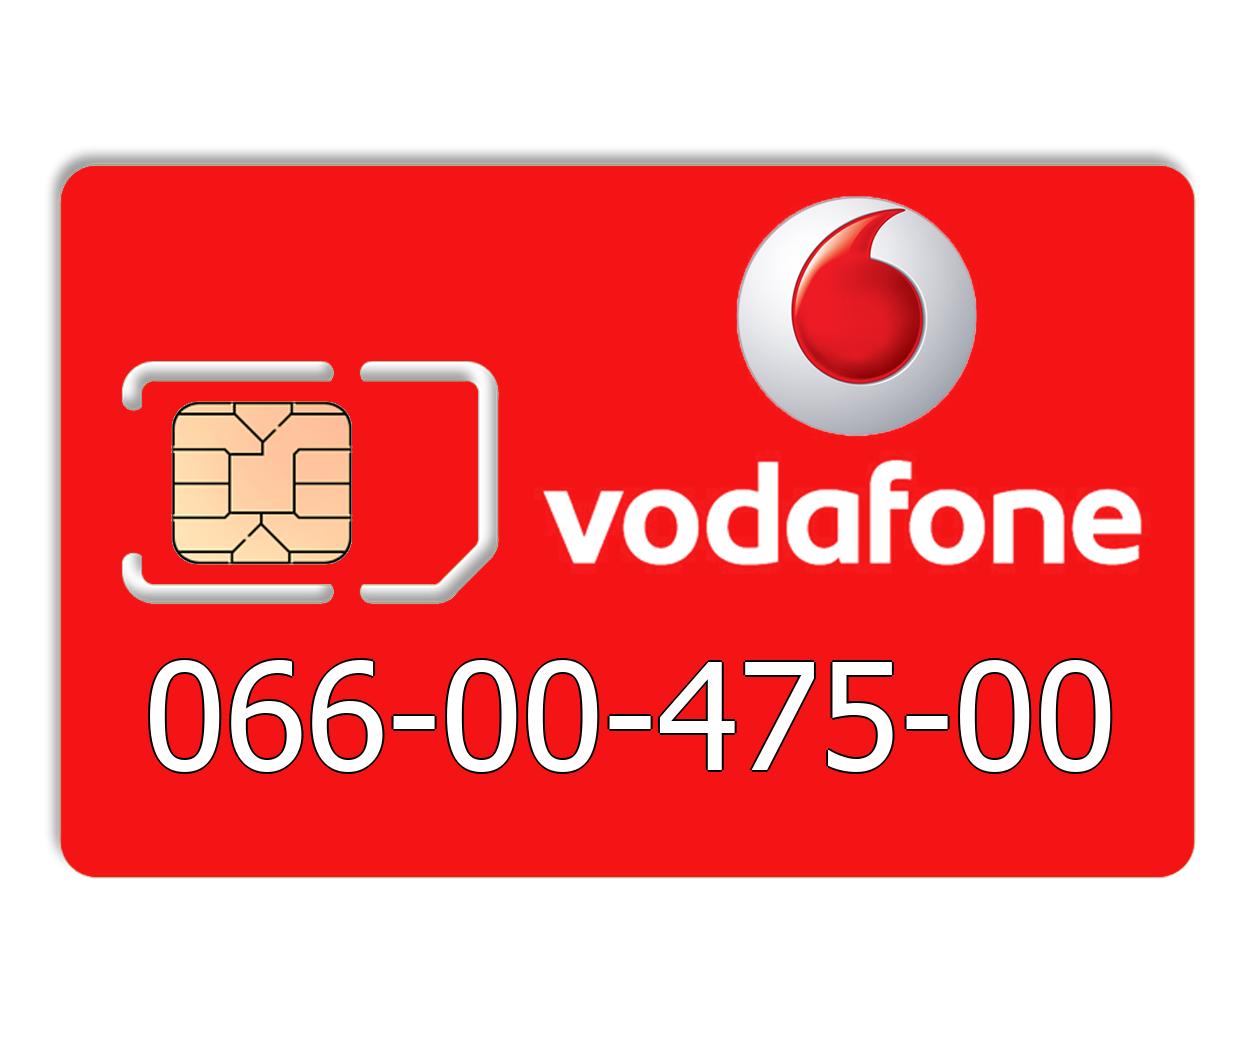 Красивый номер Vodafone 066-00-475-00